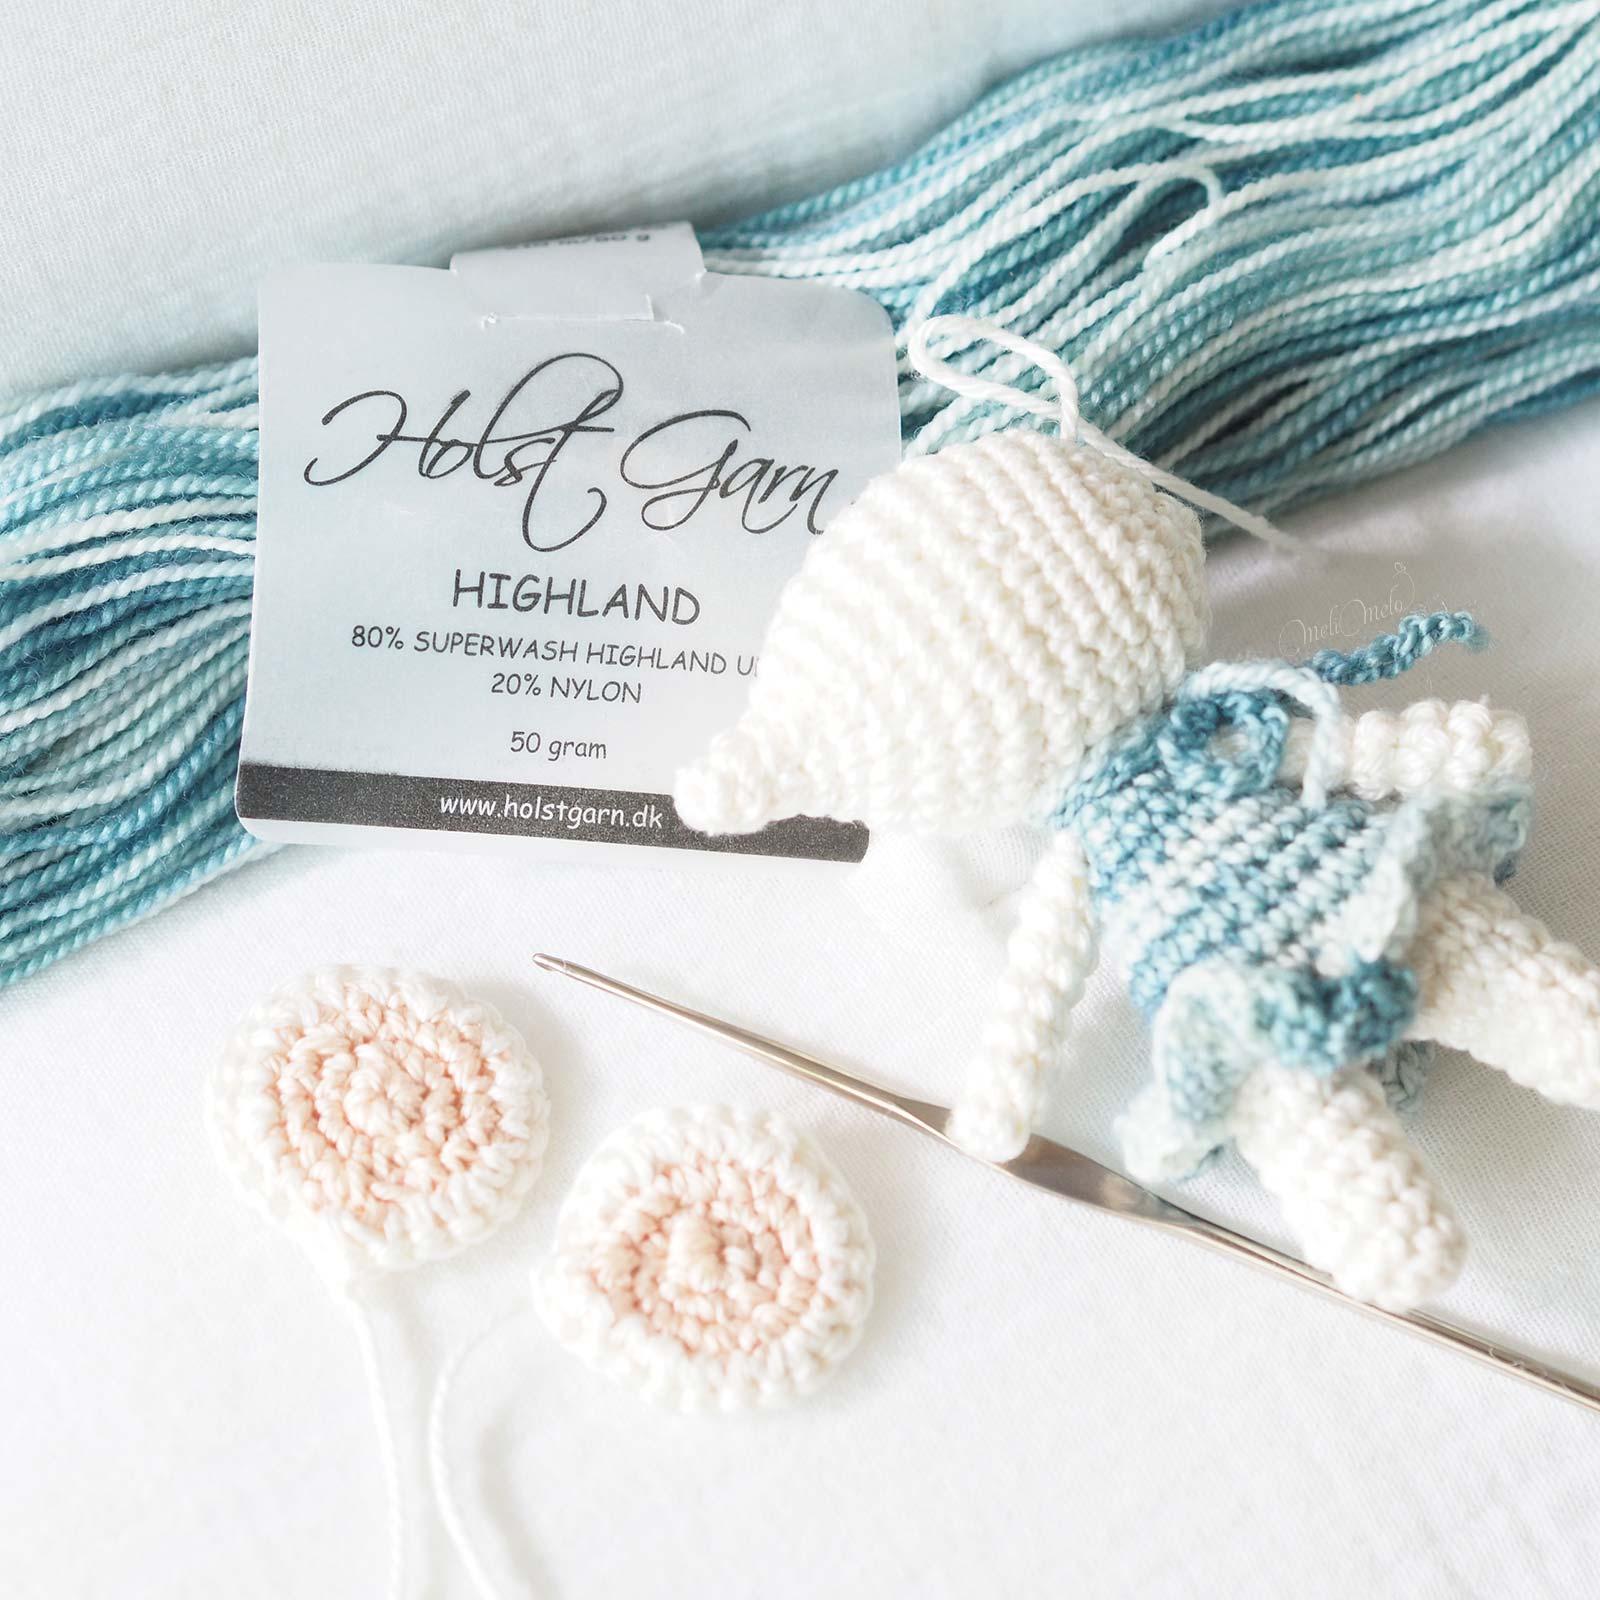 mini-souris-crochet-amigurumi-holst-garn-highland-laboutiquedemelimelo